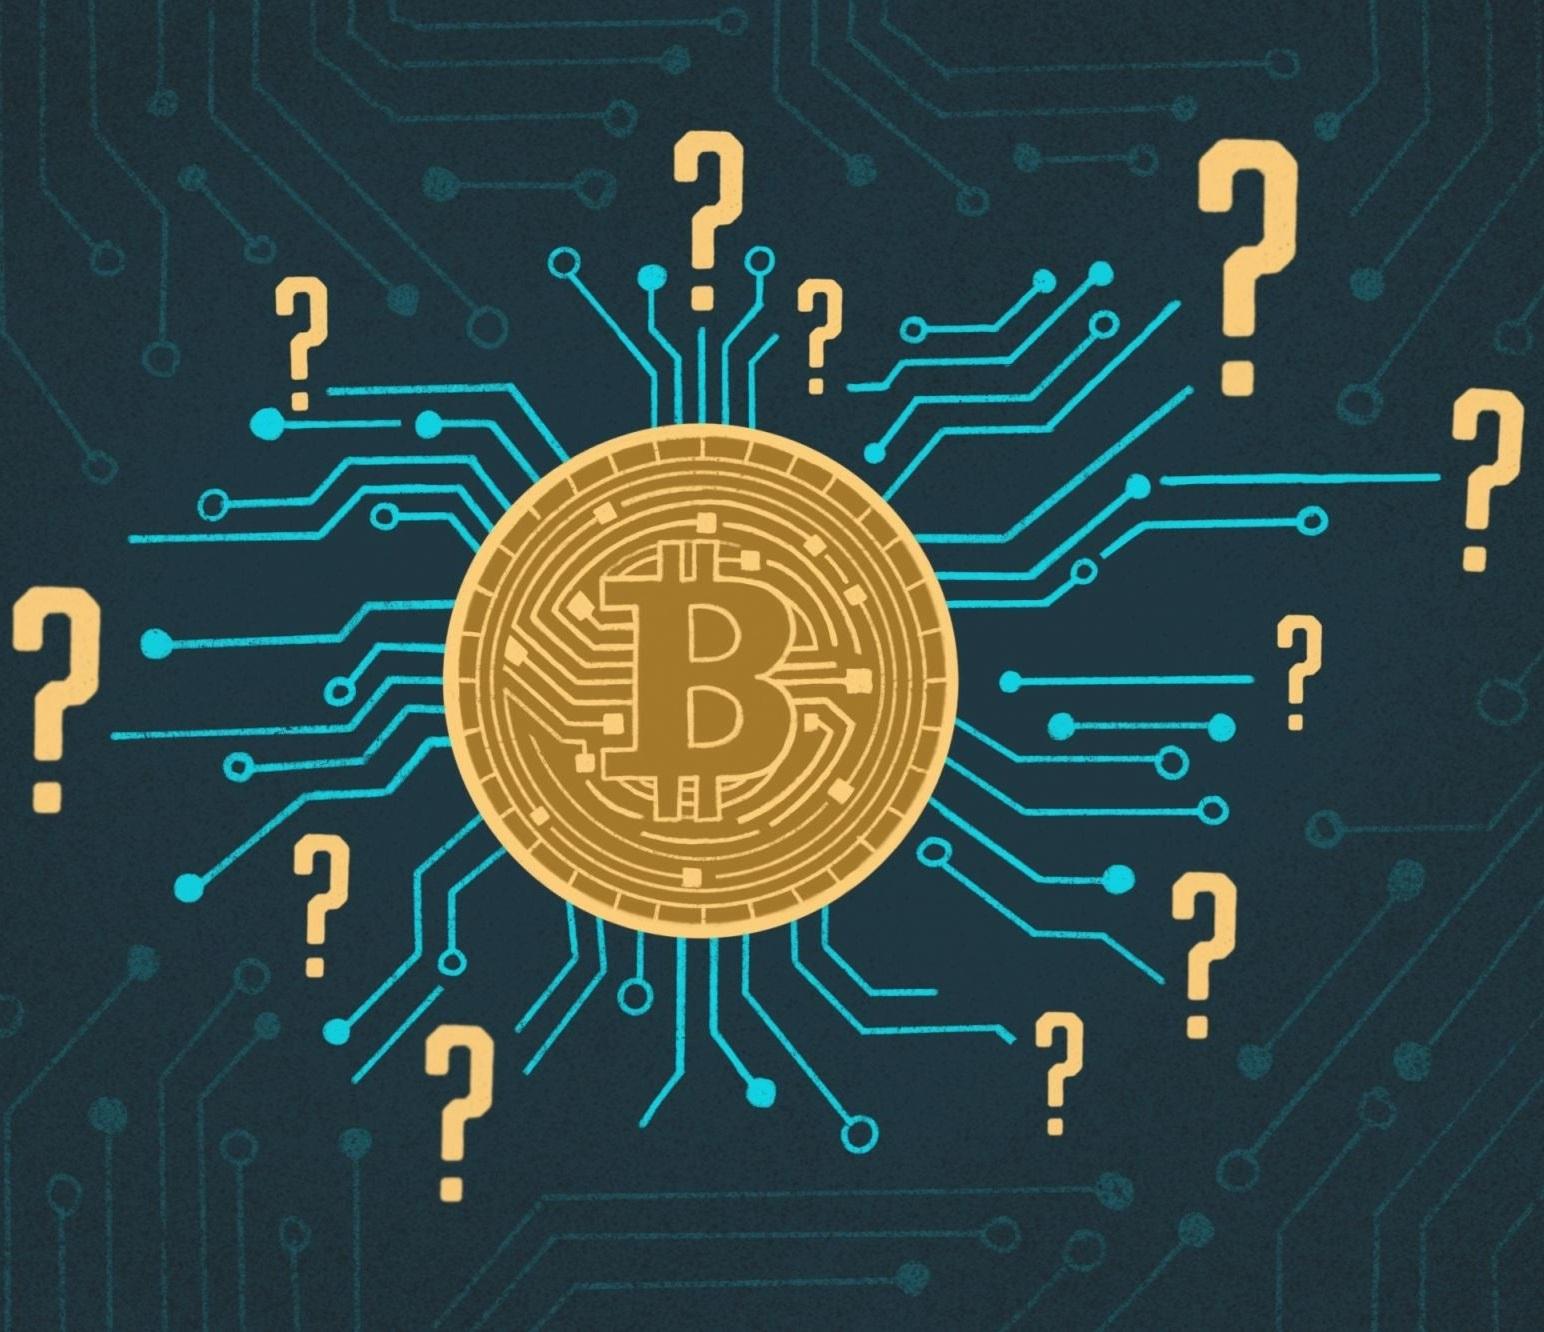 آموزش اولیه کاملا رایگان ورود به دنیای ارز دیجیتال  به صورت کاملا ساده و کاربردی CRYPTO